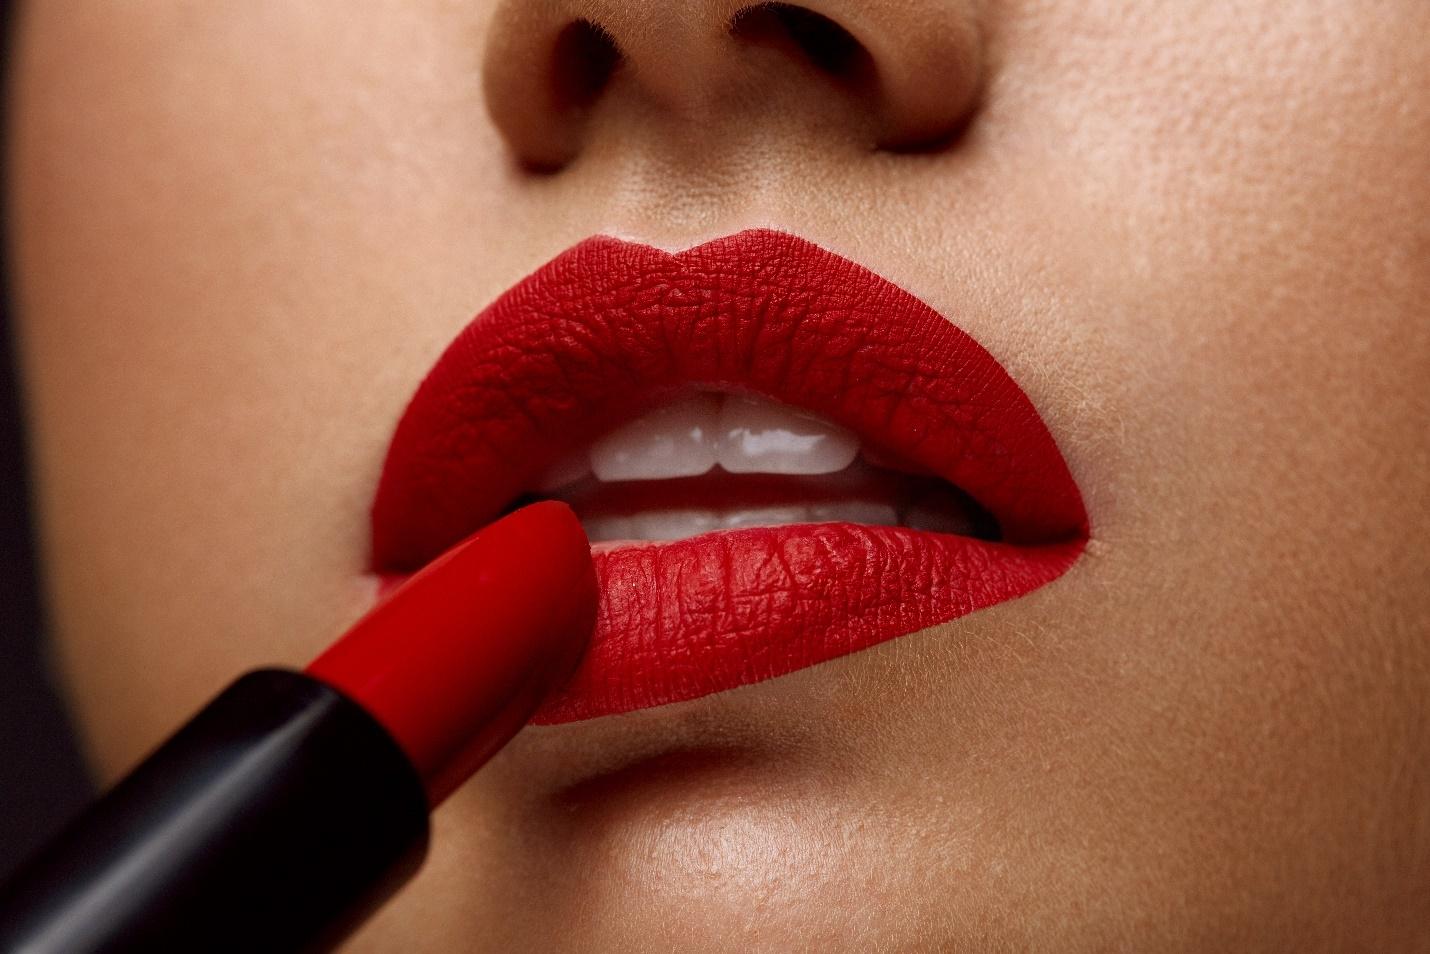 Kırmızı Dudak Kalemi Modelleri, Fiyatları, Luis Bien Dudak Dolgunlaştırıcı Mat Kırmızı Ruj, Kırmızı Ruj Sürmeden Önce Bunlara Dikkat